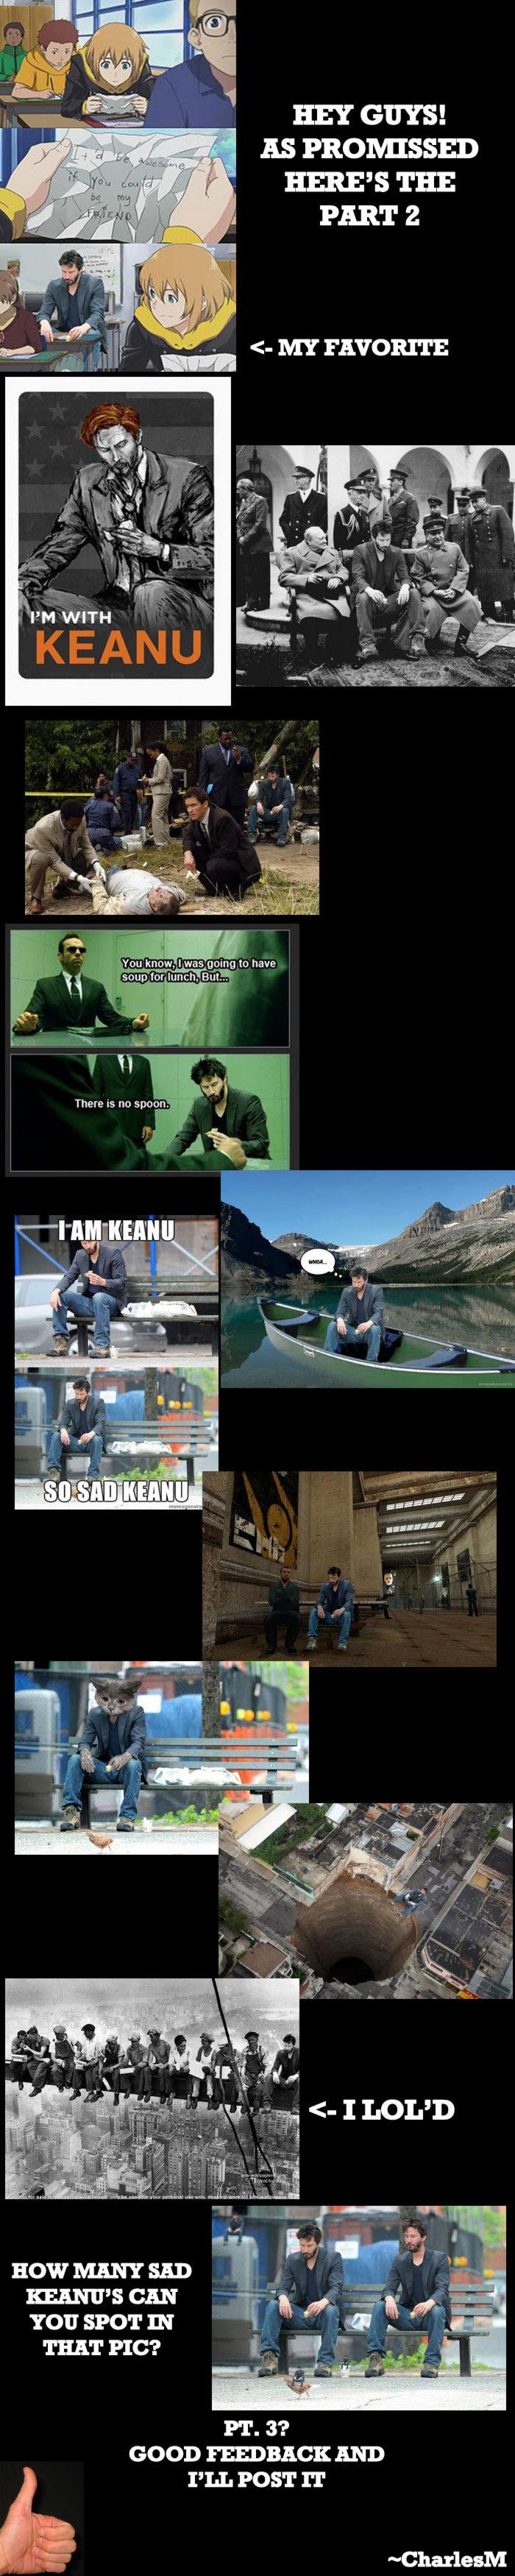 Sad Keanu Reeves part 2. My new Pic!!! >>. 6...one is obviously a sad ninja sad Keanu is